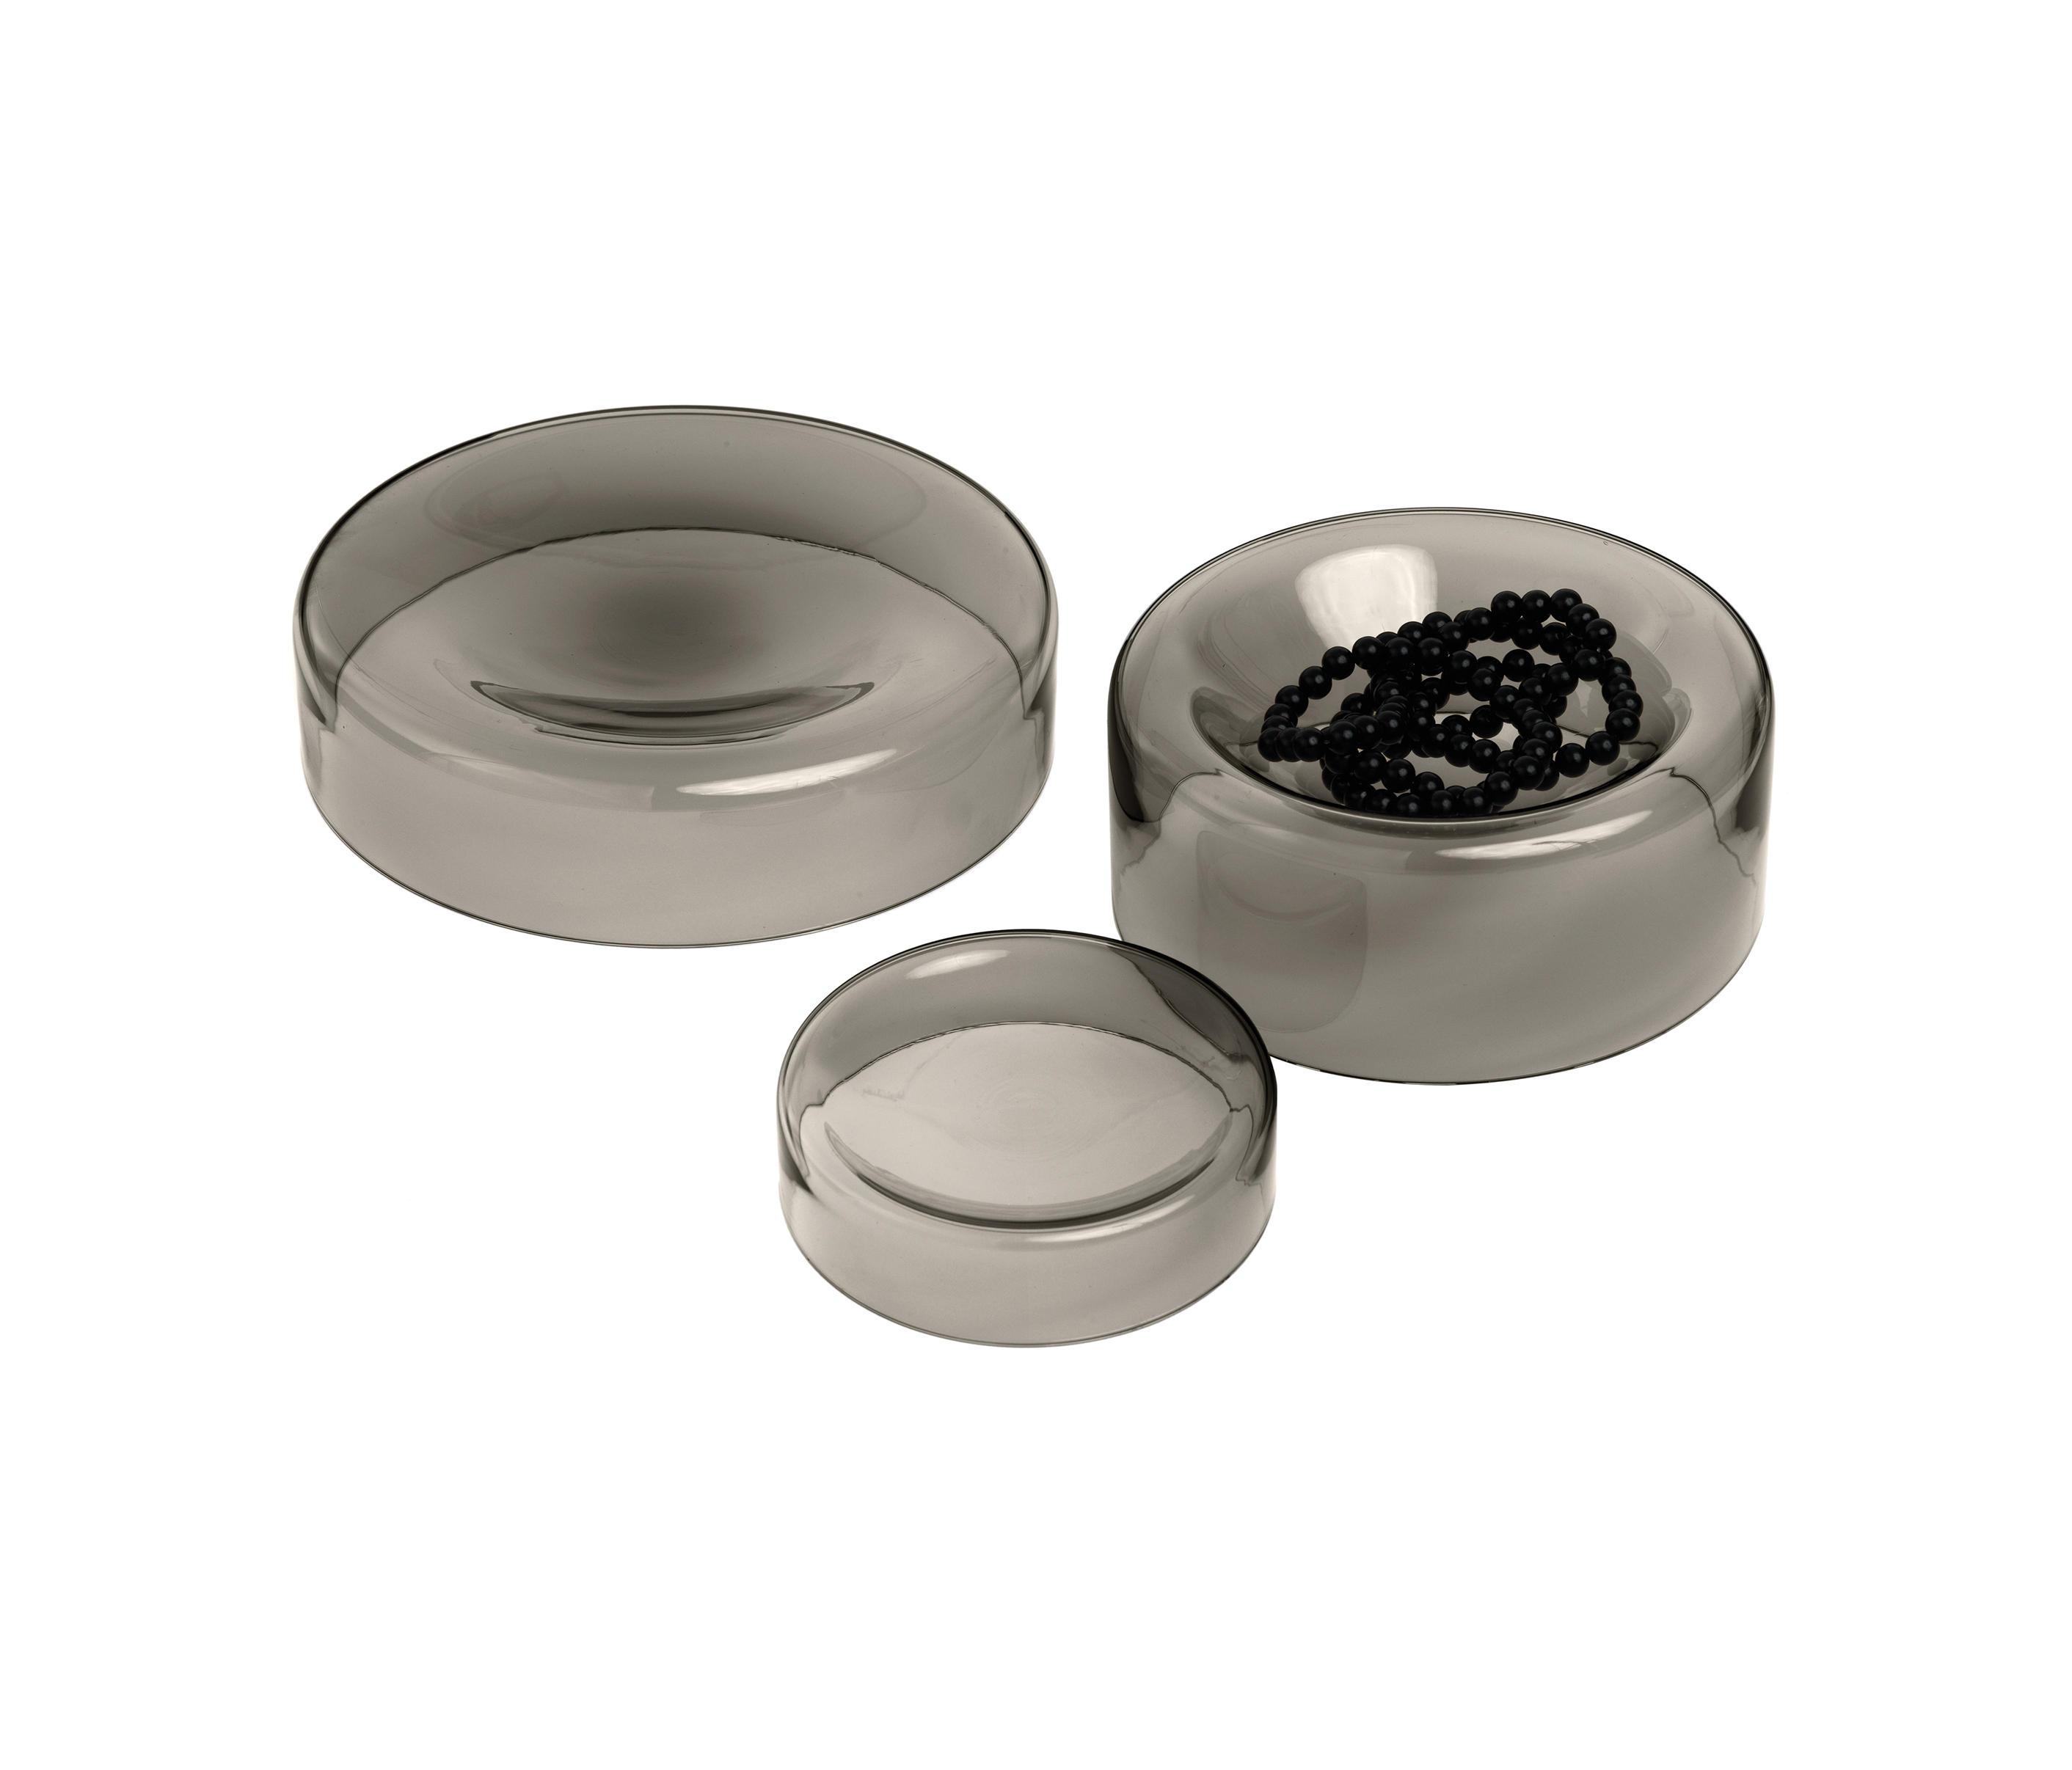 JAR Glass Dishes & Designer Furniture